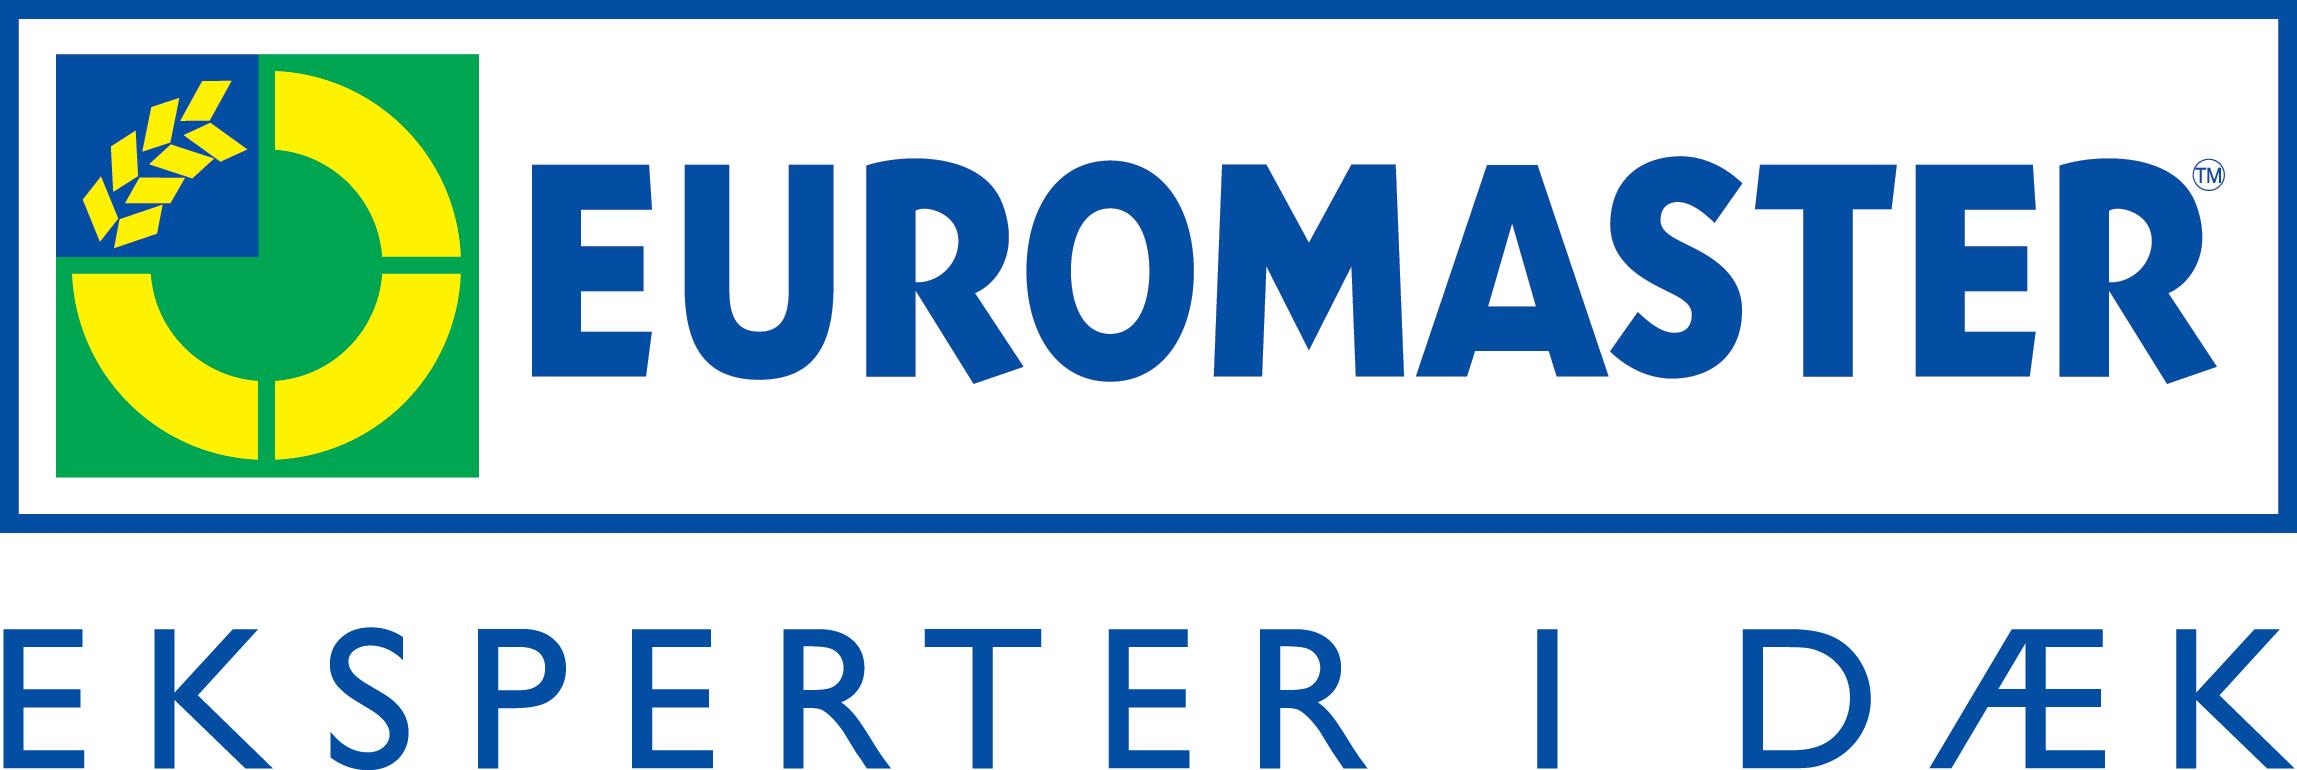 Euromaster København logo